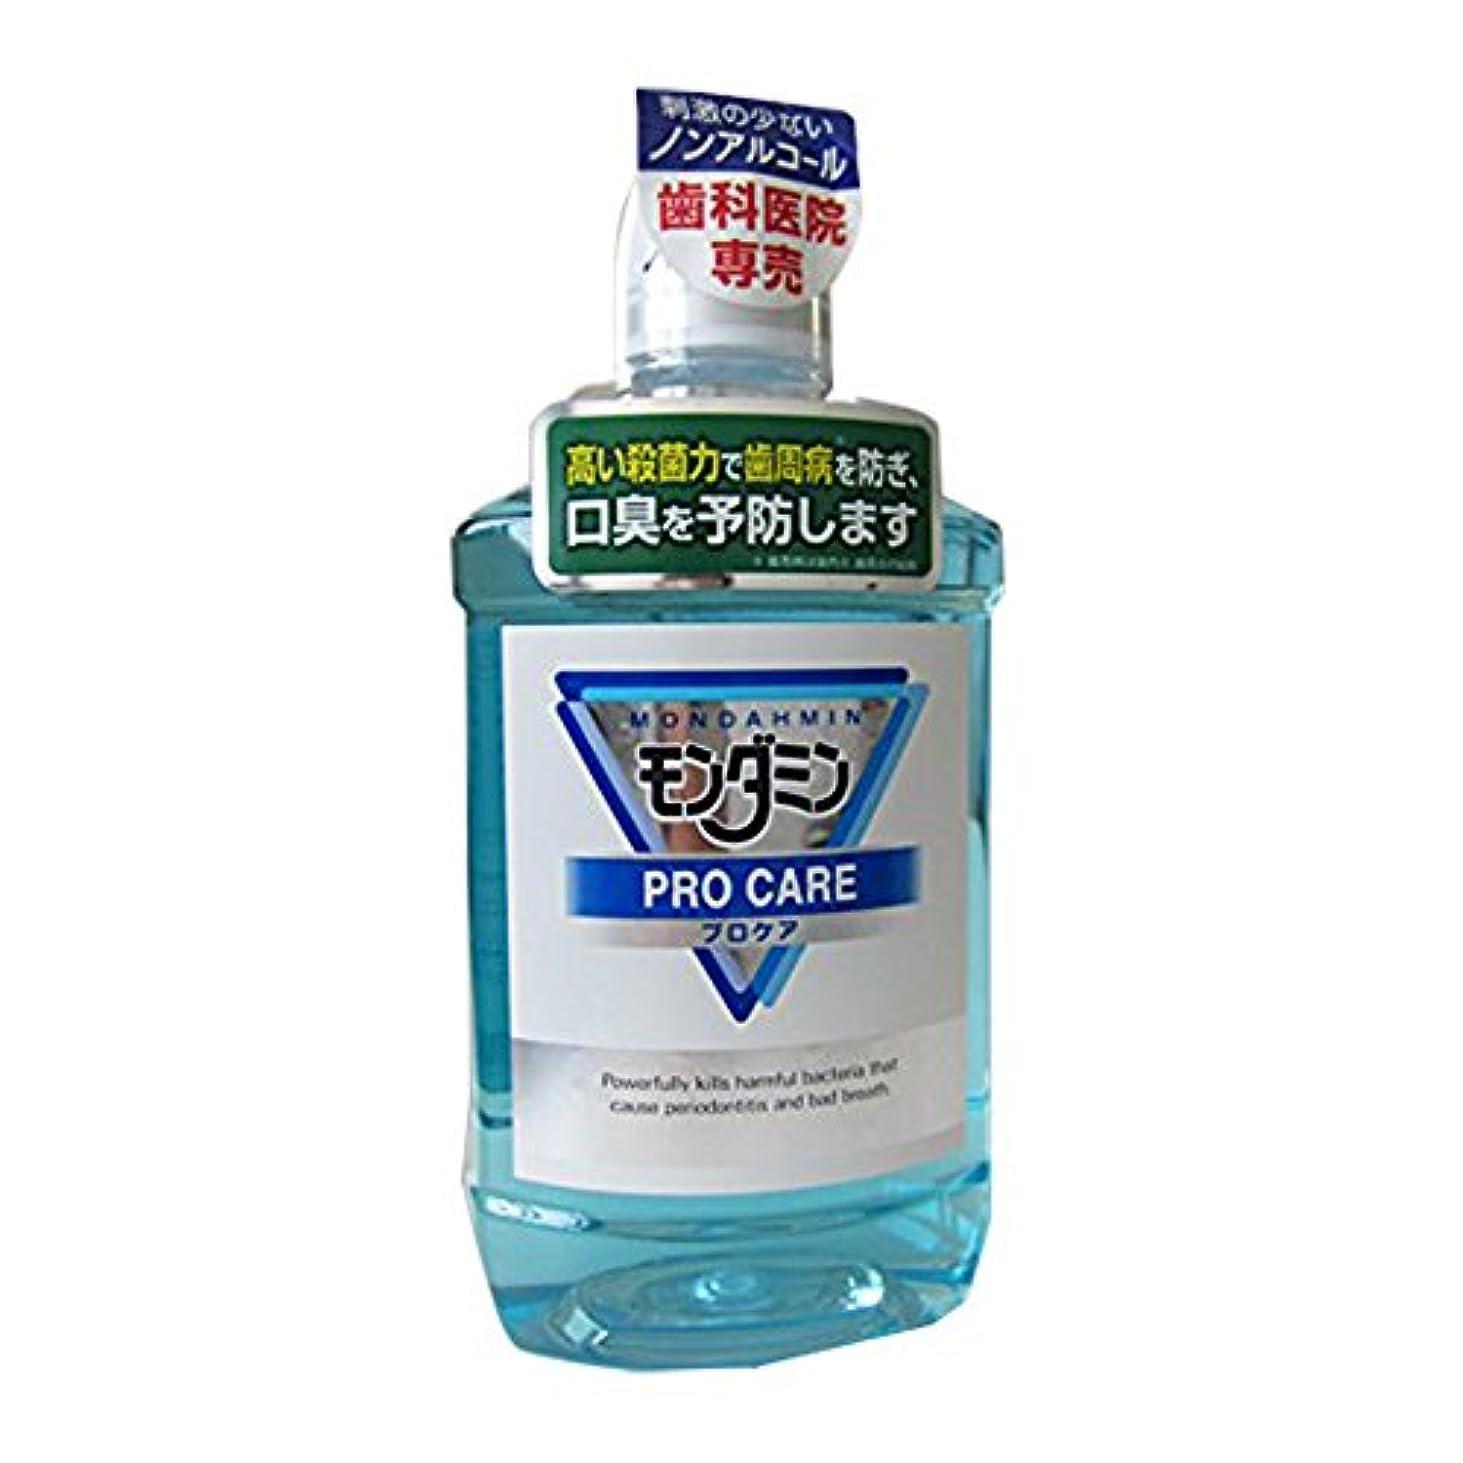 知事奨学金確かなモンダミン モンダミン プロケア 1000ml ボトル 液体歯磨き単品